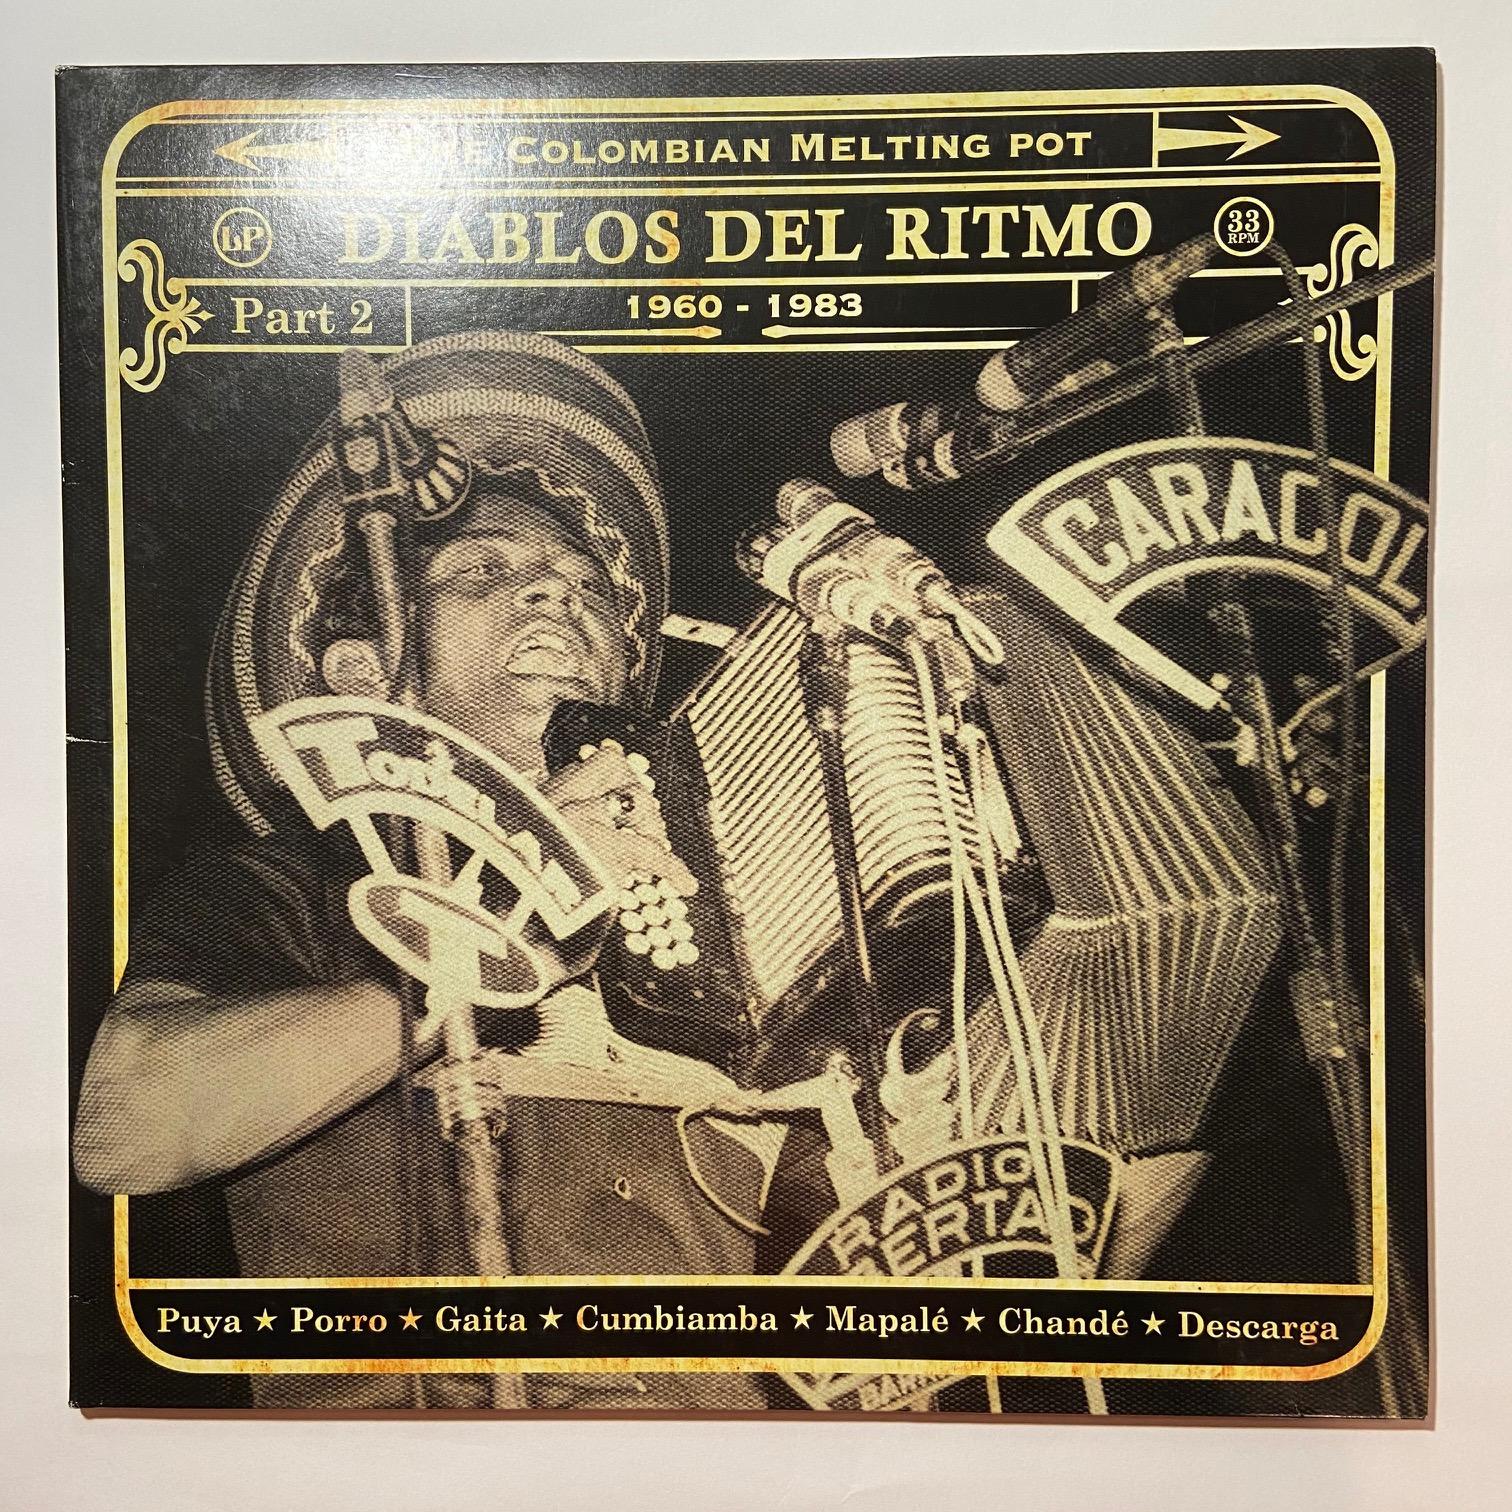 VARIOUS - Diablos Del Ritmo Part 2 - LP x 2